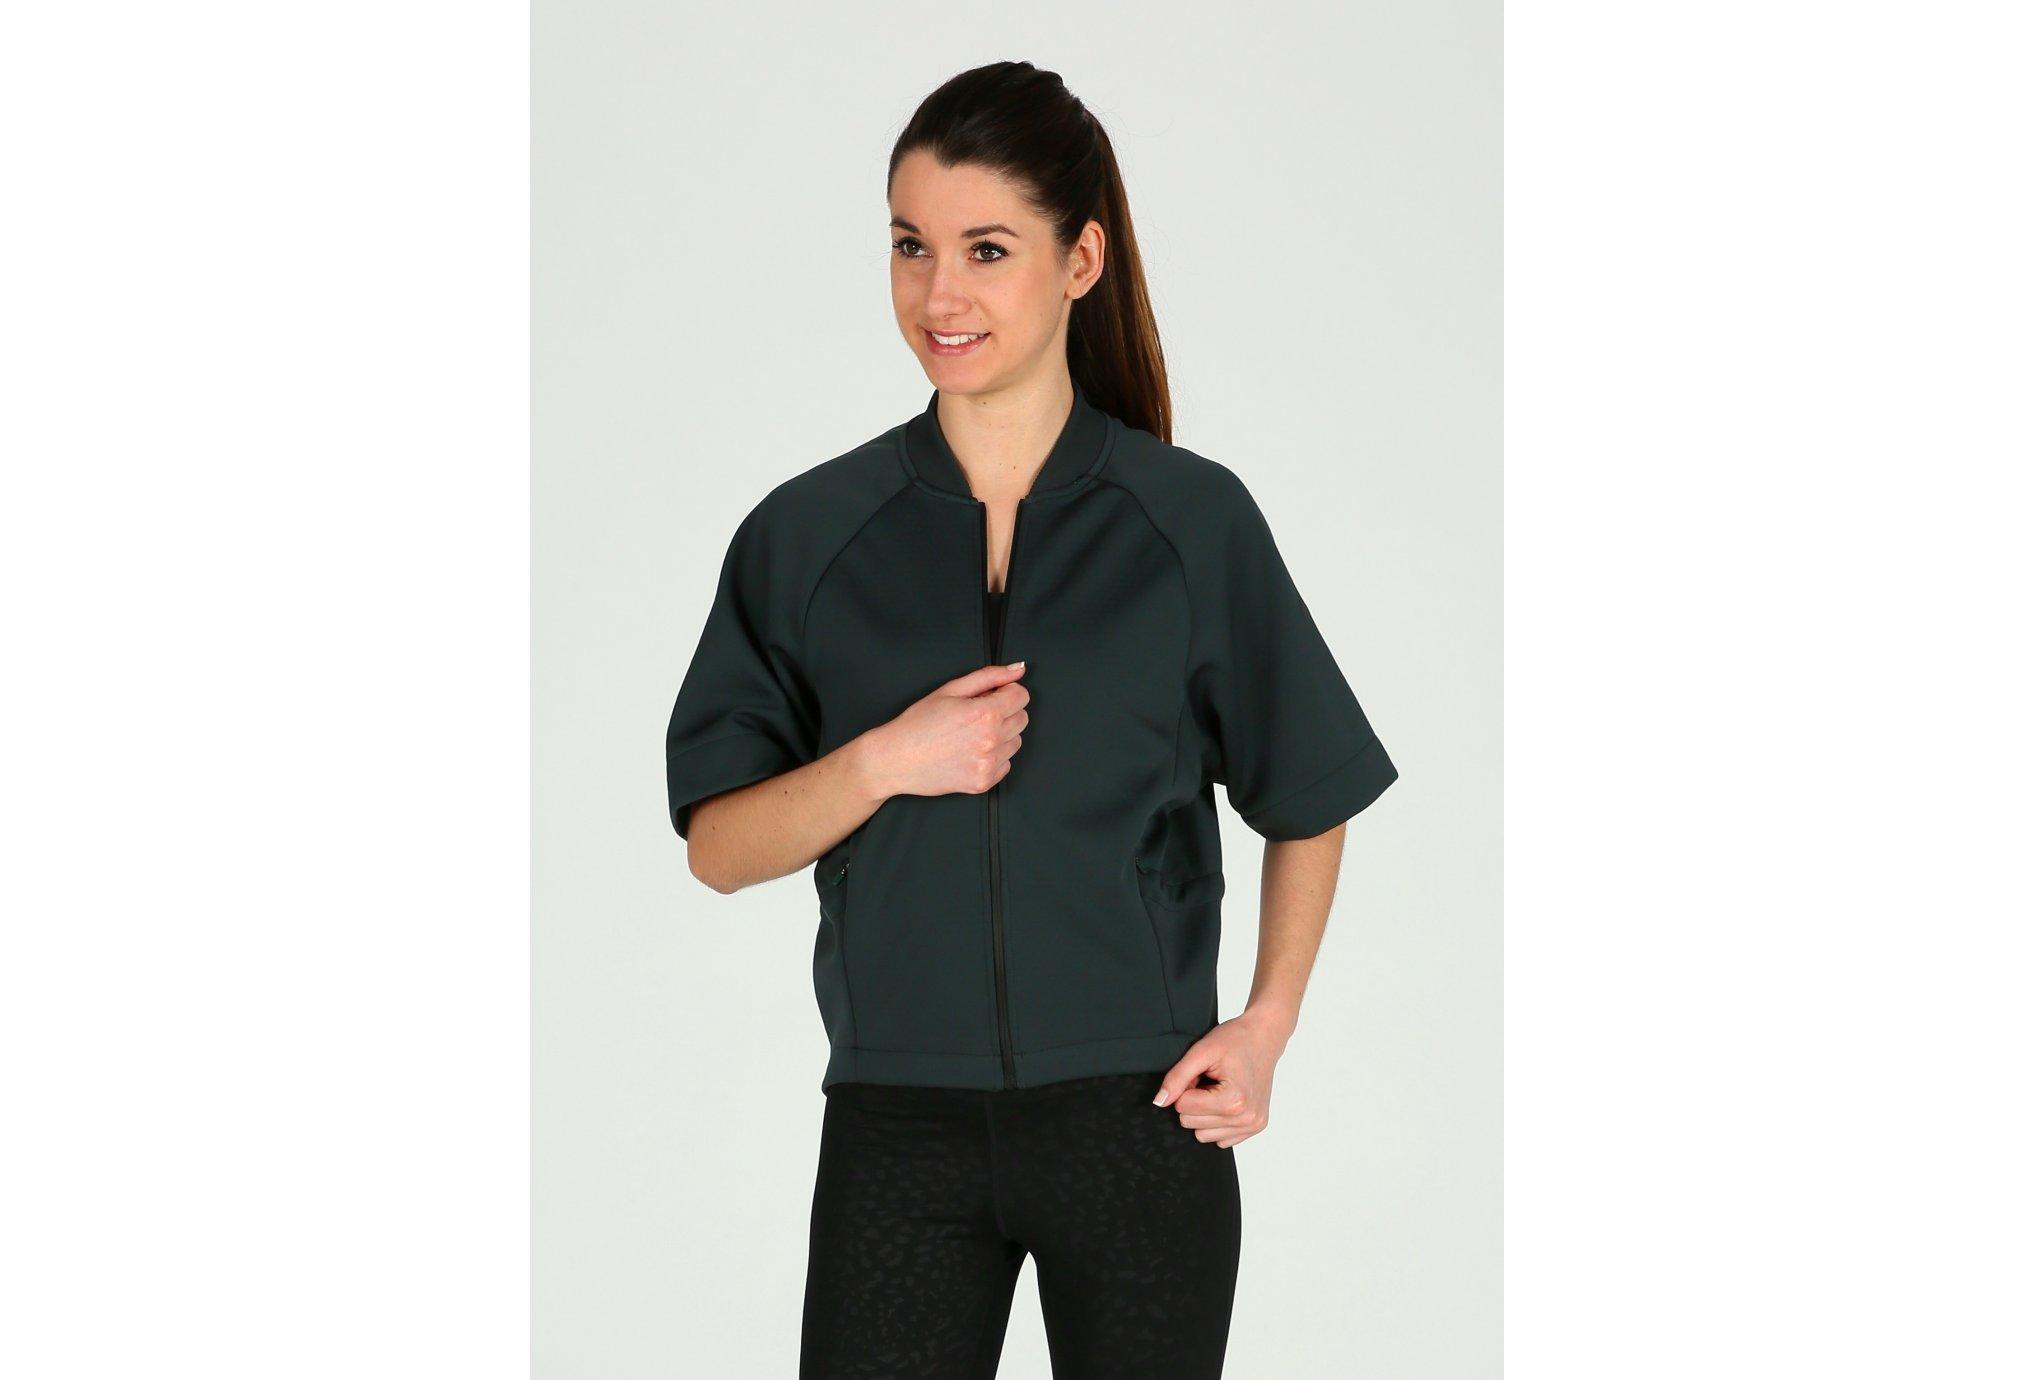 Nike Therma Sphere Fabric W Diététique Vêtements femme